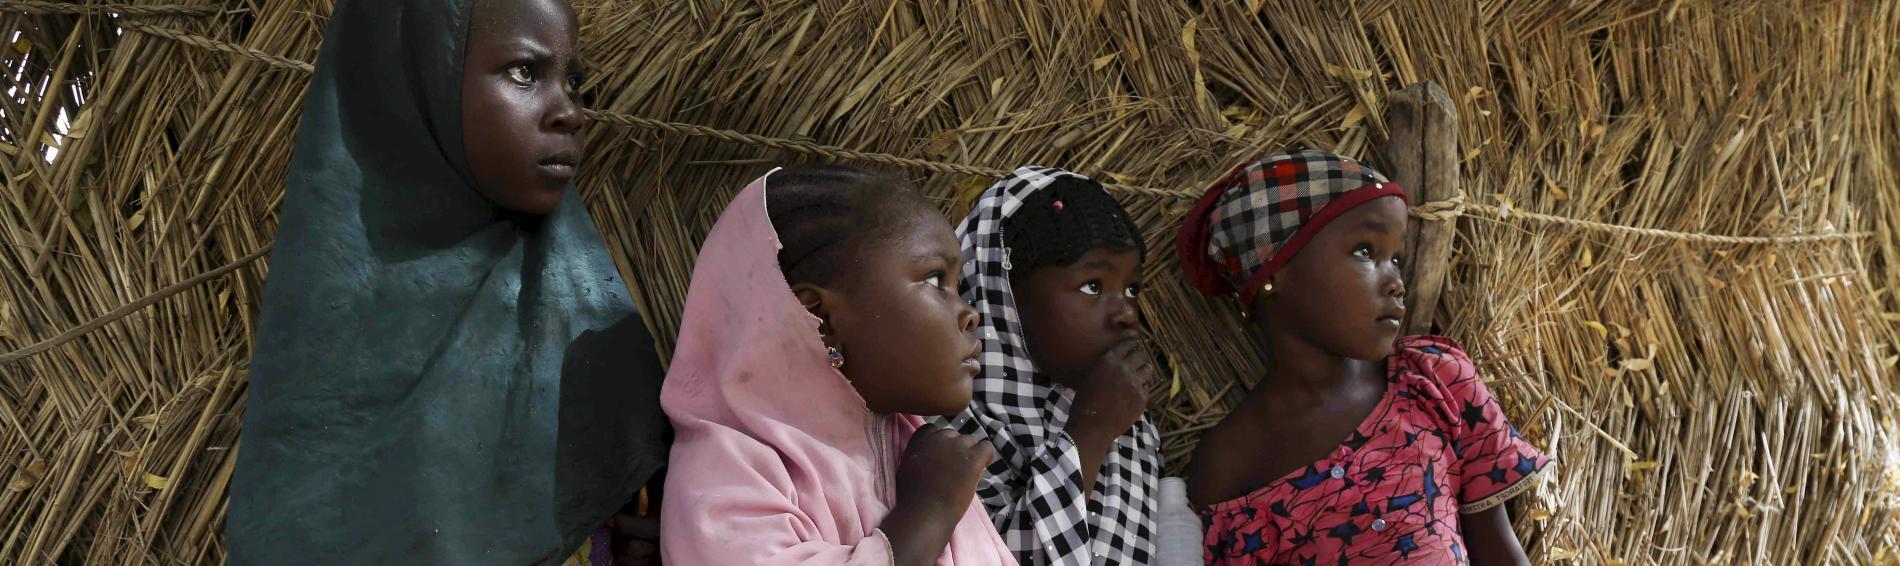 Hungernde Mädchen in Nigeria warten auf Hilfe. Foto: Reuters